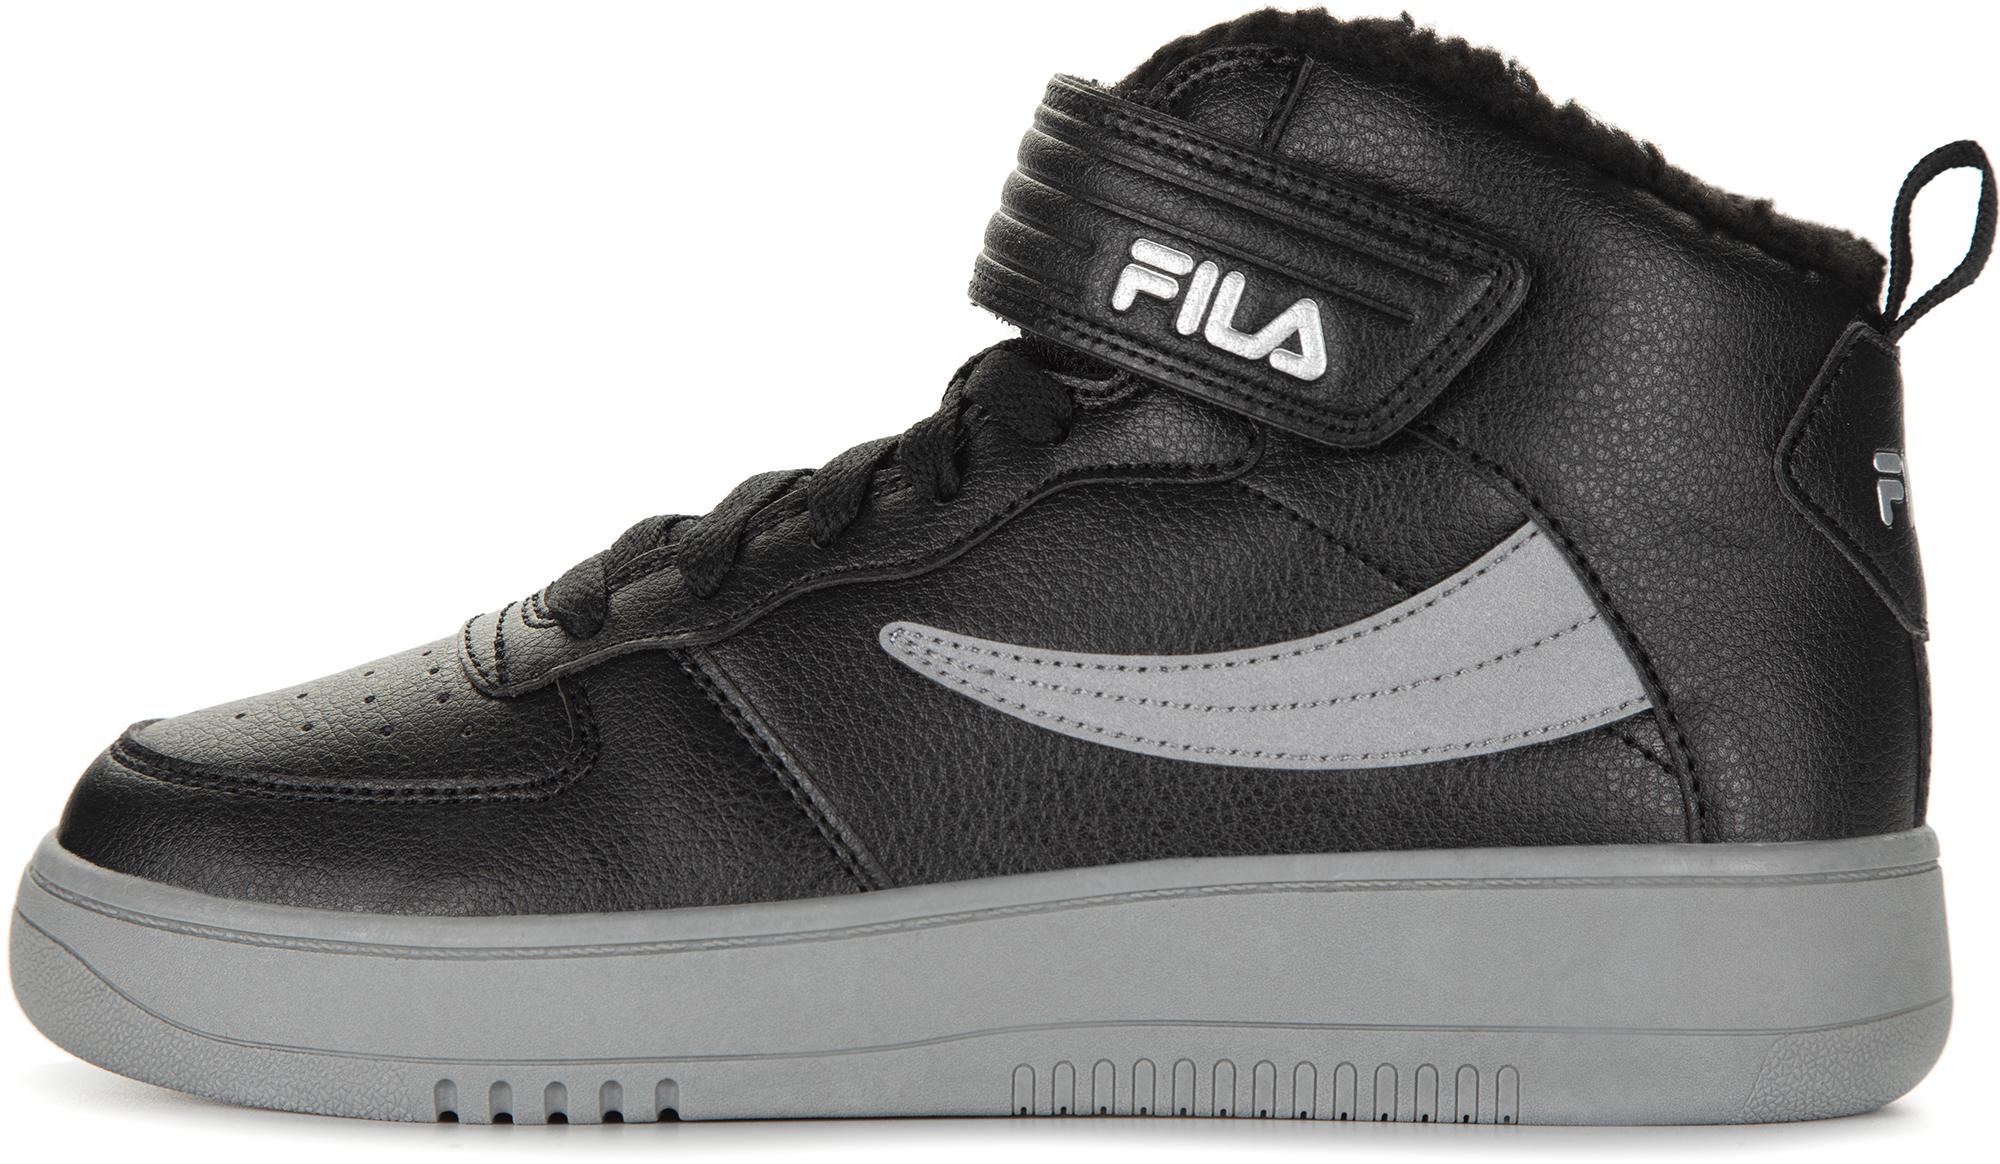 Fila Кеды высокие утепленные для мальчиков Fil Fur, размер 39